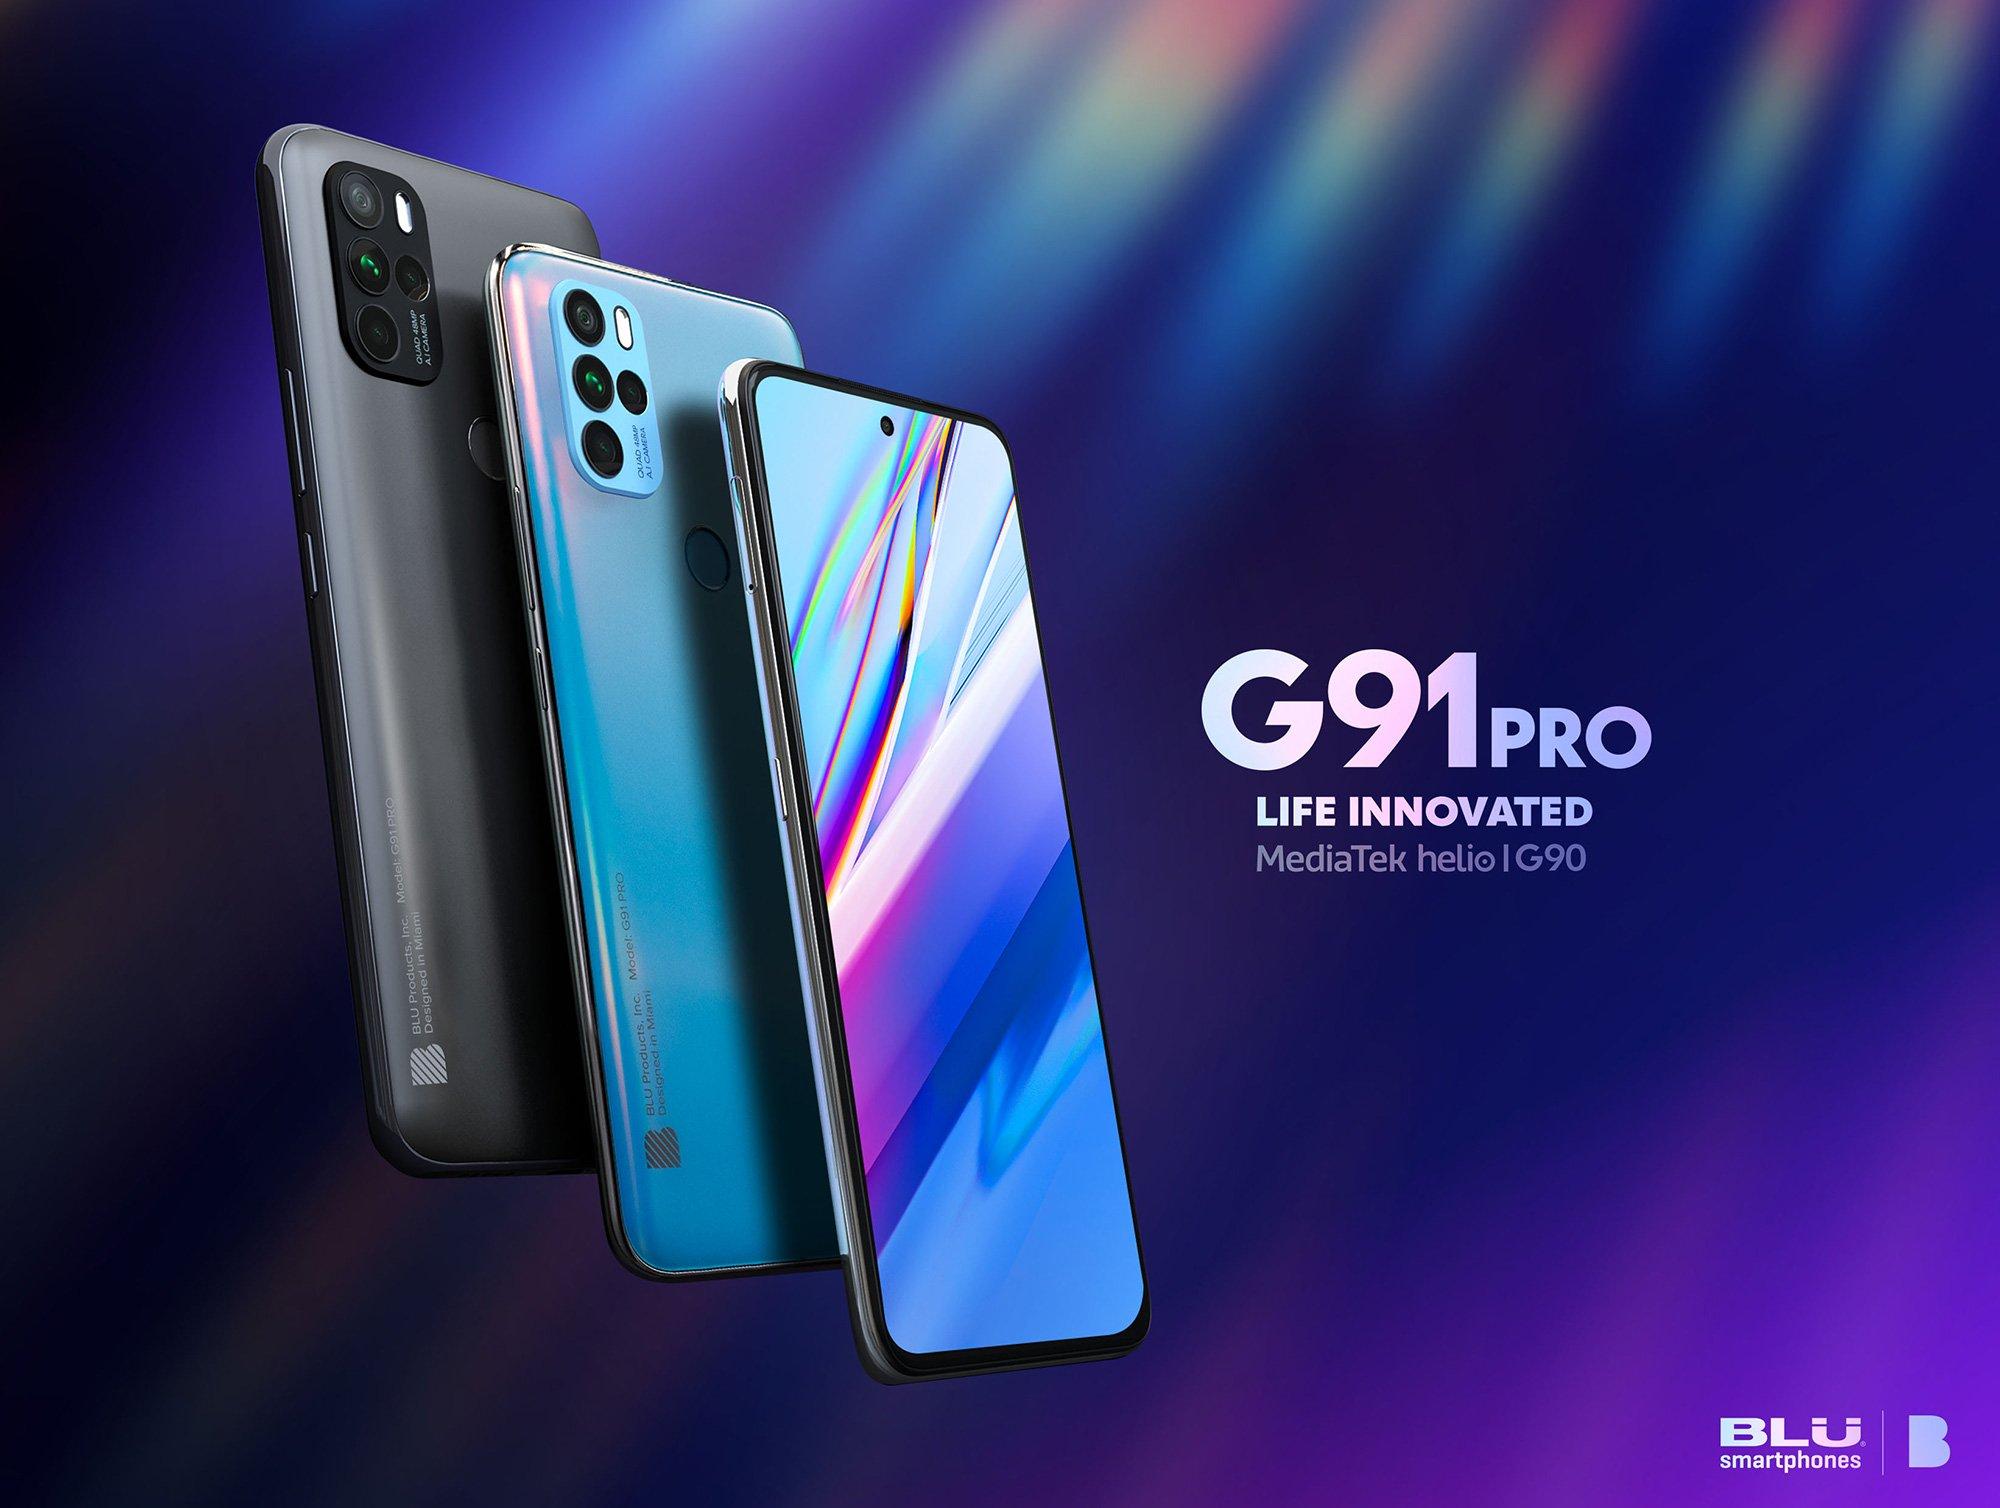 Uygun fiyatlı BLU G91 Pro tanıtıldı; işte cihaz hakkında merak edilenler